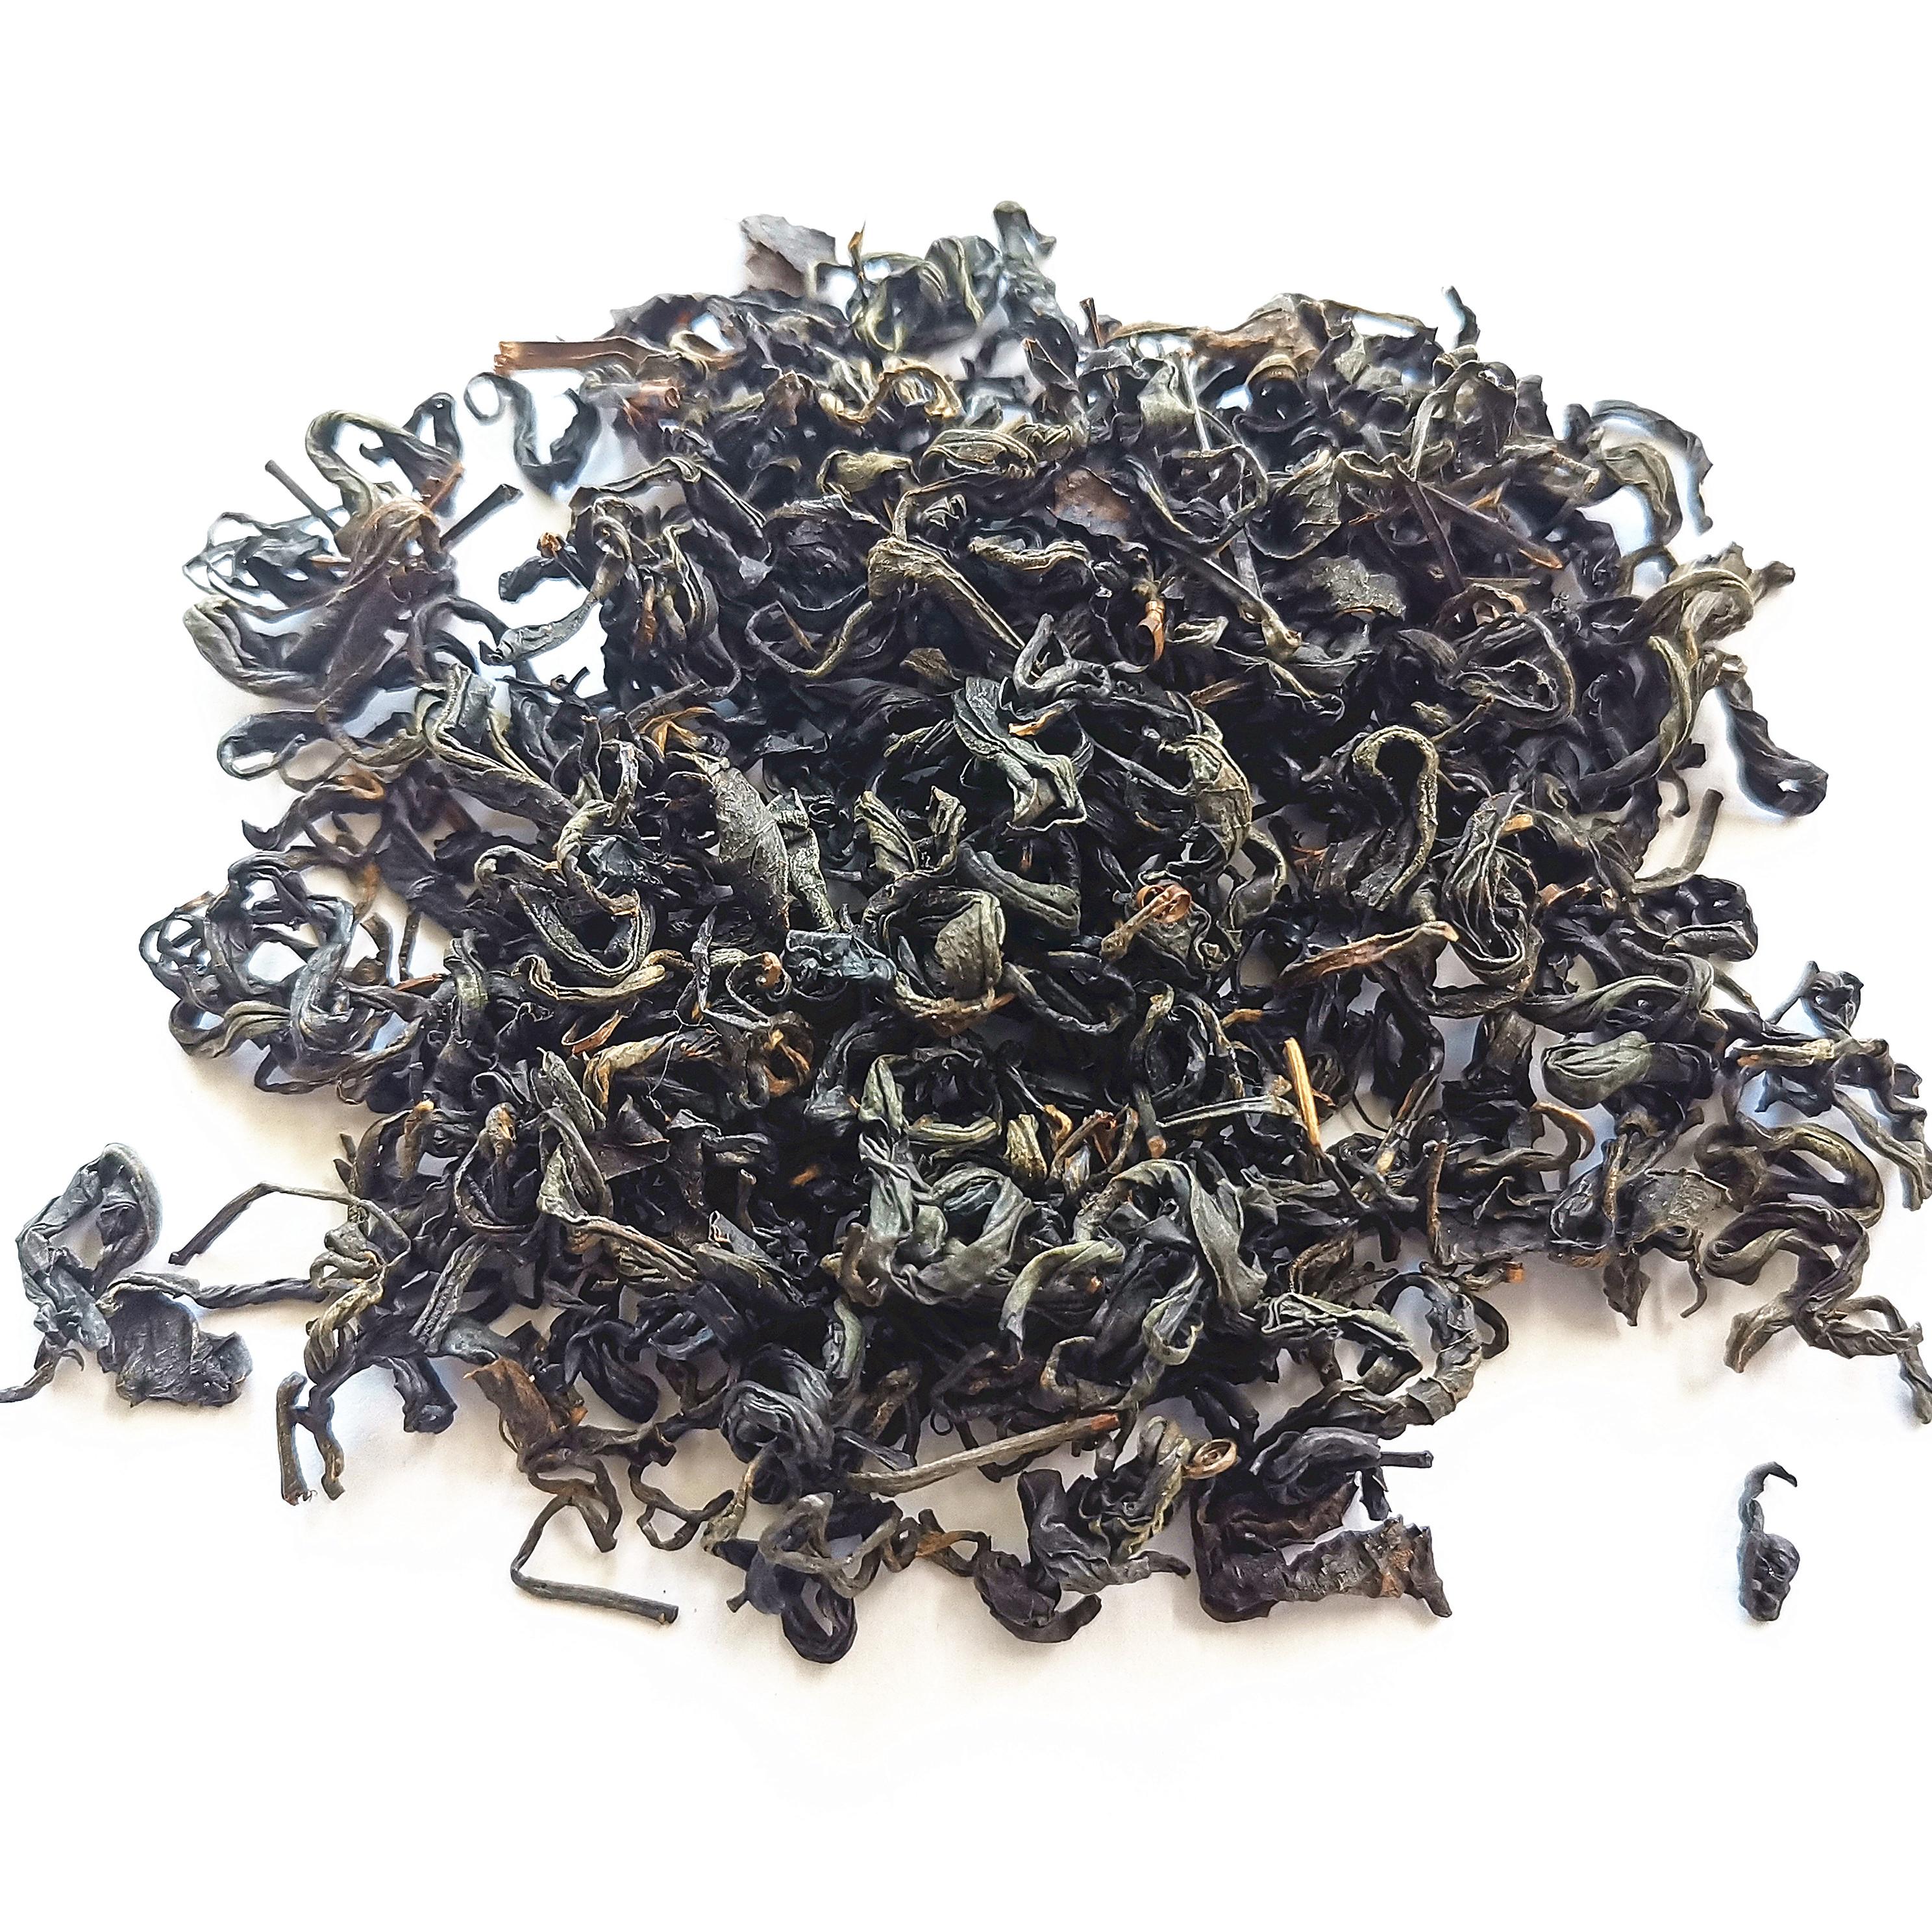 A-black tea 100% Pure natural mountain Yunwu Tea organic tea - 4uTea   4uTea.com